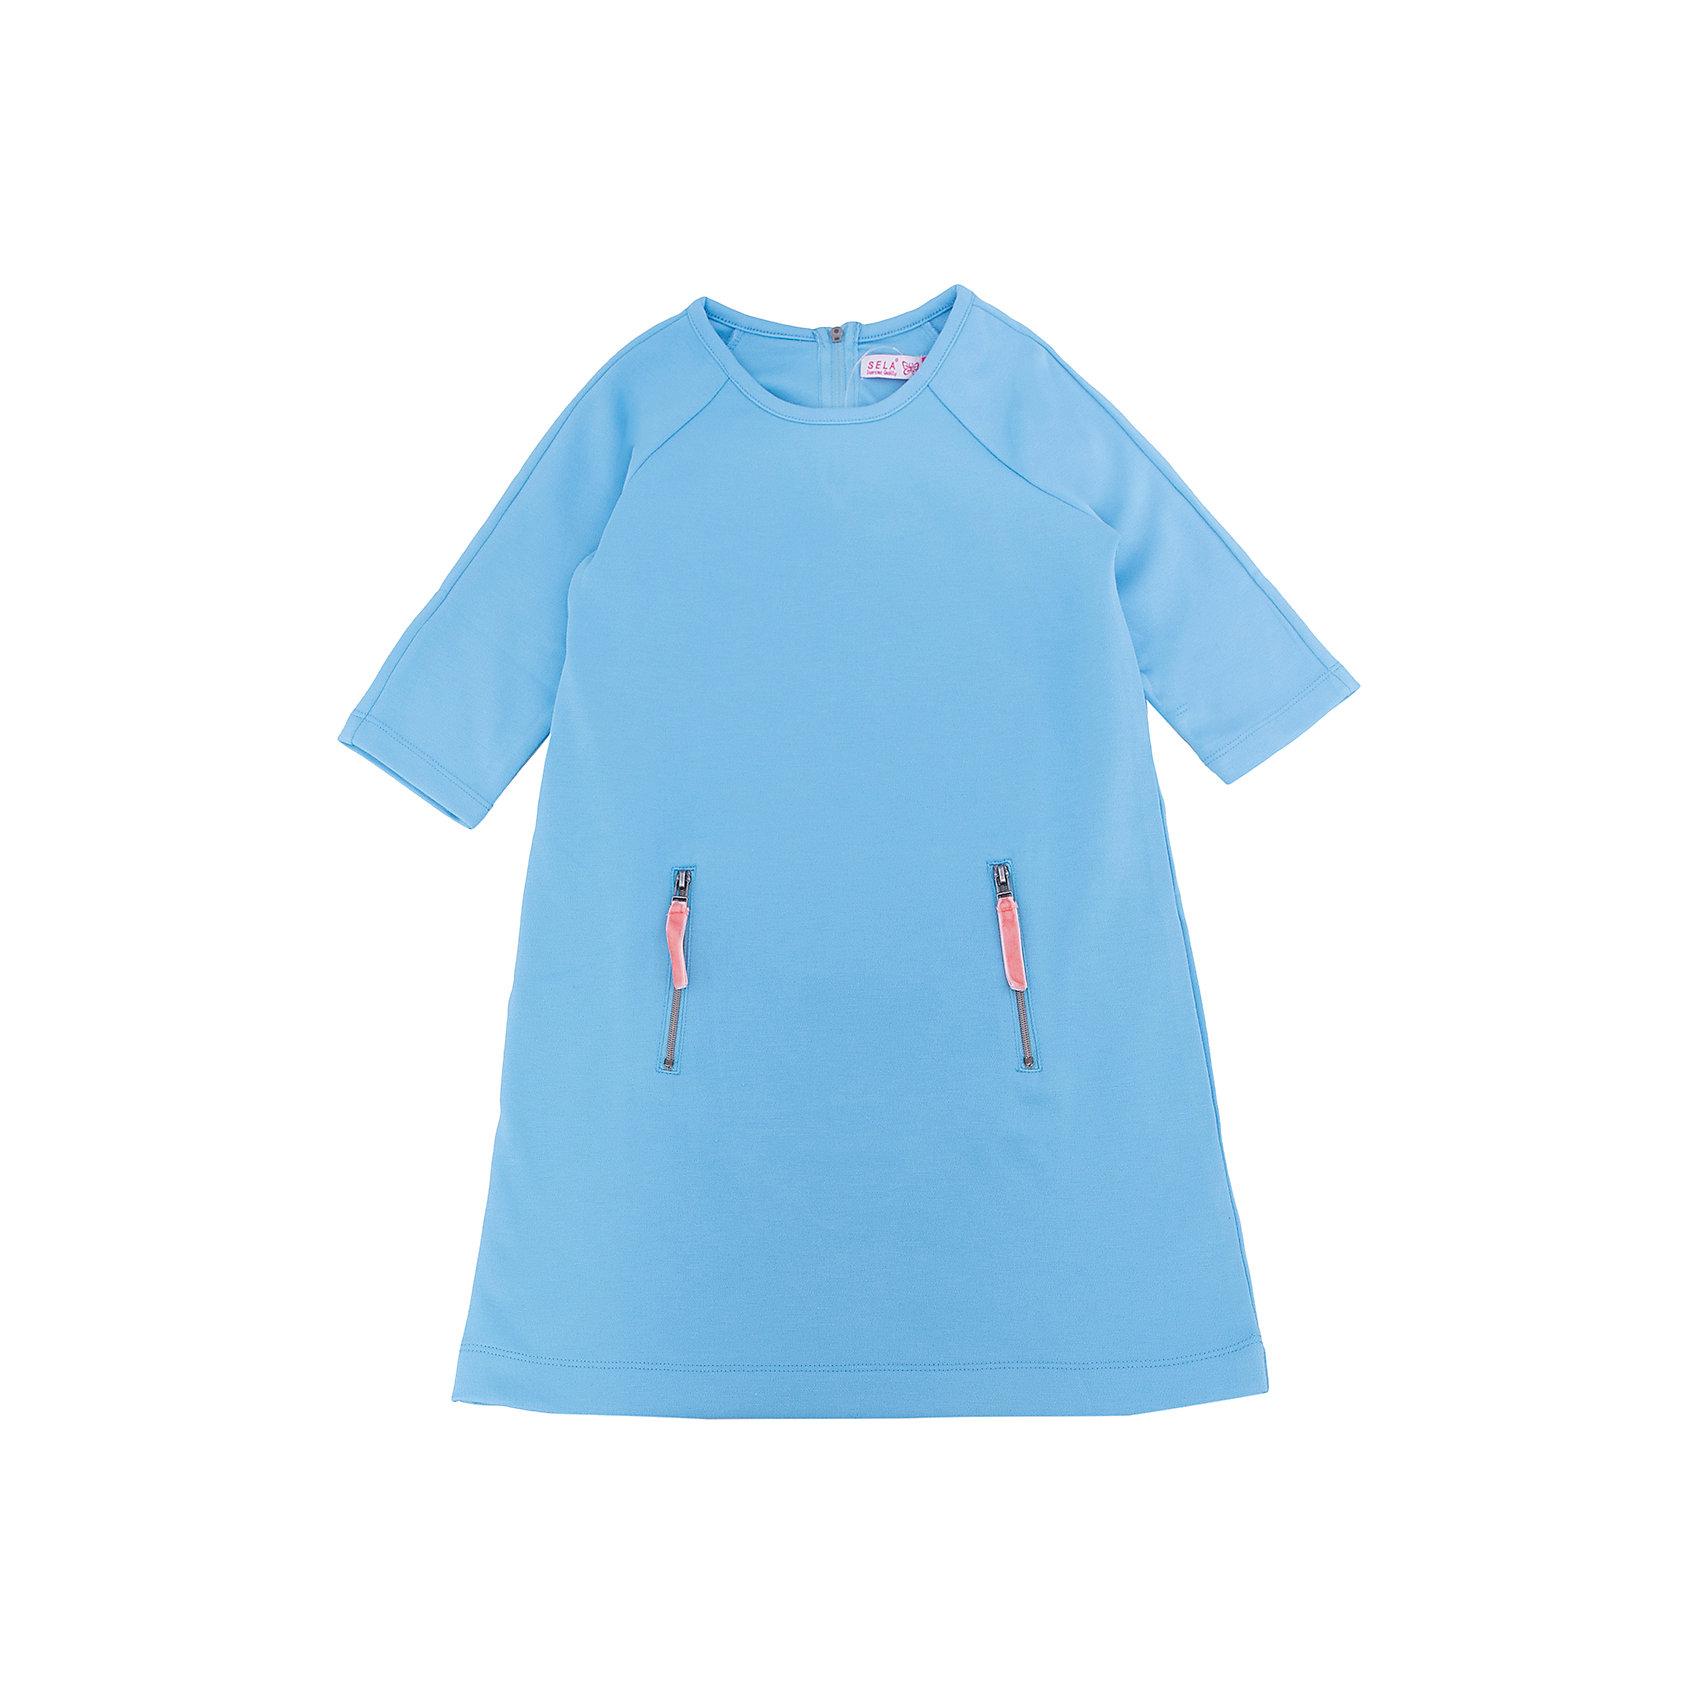 Платье для девочки SELAПлатья и сарафаны<br>Характеристики:<br><br>• Вид детской и подростковой одежды: платье<br>• Пол: для девочки<br>• Предназначение: повседневная, праздничная<br>• Сезон: круглый год<br>• Тематика рисунка: без рисунка<br>• Цвет: голубой <br>• Материал: 60% вискоза, 35% полиэстер, 5% эластан<br>• Силуэт: полуприлегающий<br>• Рукав: реглан, 3/4<br>• Воротник: круглый<br>• Застежка: молния сзади<br>• На передней полочке имеются карманы на молнии<br>• Длина платья: мини<br>• Особенности ухода: ручная стирка при температуре не более 30 градусов, глажение на щадящем режиме<br><br>Платье для девочки SELA из коллекции детской и подростковой одежды от знаменитого торгового бренда, который производит удобную, комфортную и стильную одежду, предназначенную как для будней, так и для праздников. Изделие выполнено из трикотажного полотна, в состав которого входит вискоза, полиэстер и эластан, что обеспечивает платью повышенную устойчивость к изменению формы и цвета. Платье выполнено в классическом стиле: полуприлегающий силуэт, рукав реглан 3/4 круглый воротник. Изделие выполнено в нежном небесном цвете, декорировано застежками молниями. <br><br>Платье для девочки SELA можно купить в нашем интернет-магазине.<br><br>Ширина мм: 236<br>Глубина мм: 16<br>Высота мм: 184<br>Вес г: 177<br>Цвет: голубой<br>Возраст от месяцев: 132<br>Возраст до месяцев: 144<br>Пол: Женский<br>Возраст: Детский<br>Размер: 152,134,140,146,116,122,128<br>SKU: 5305332